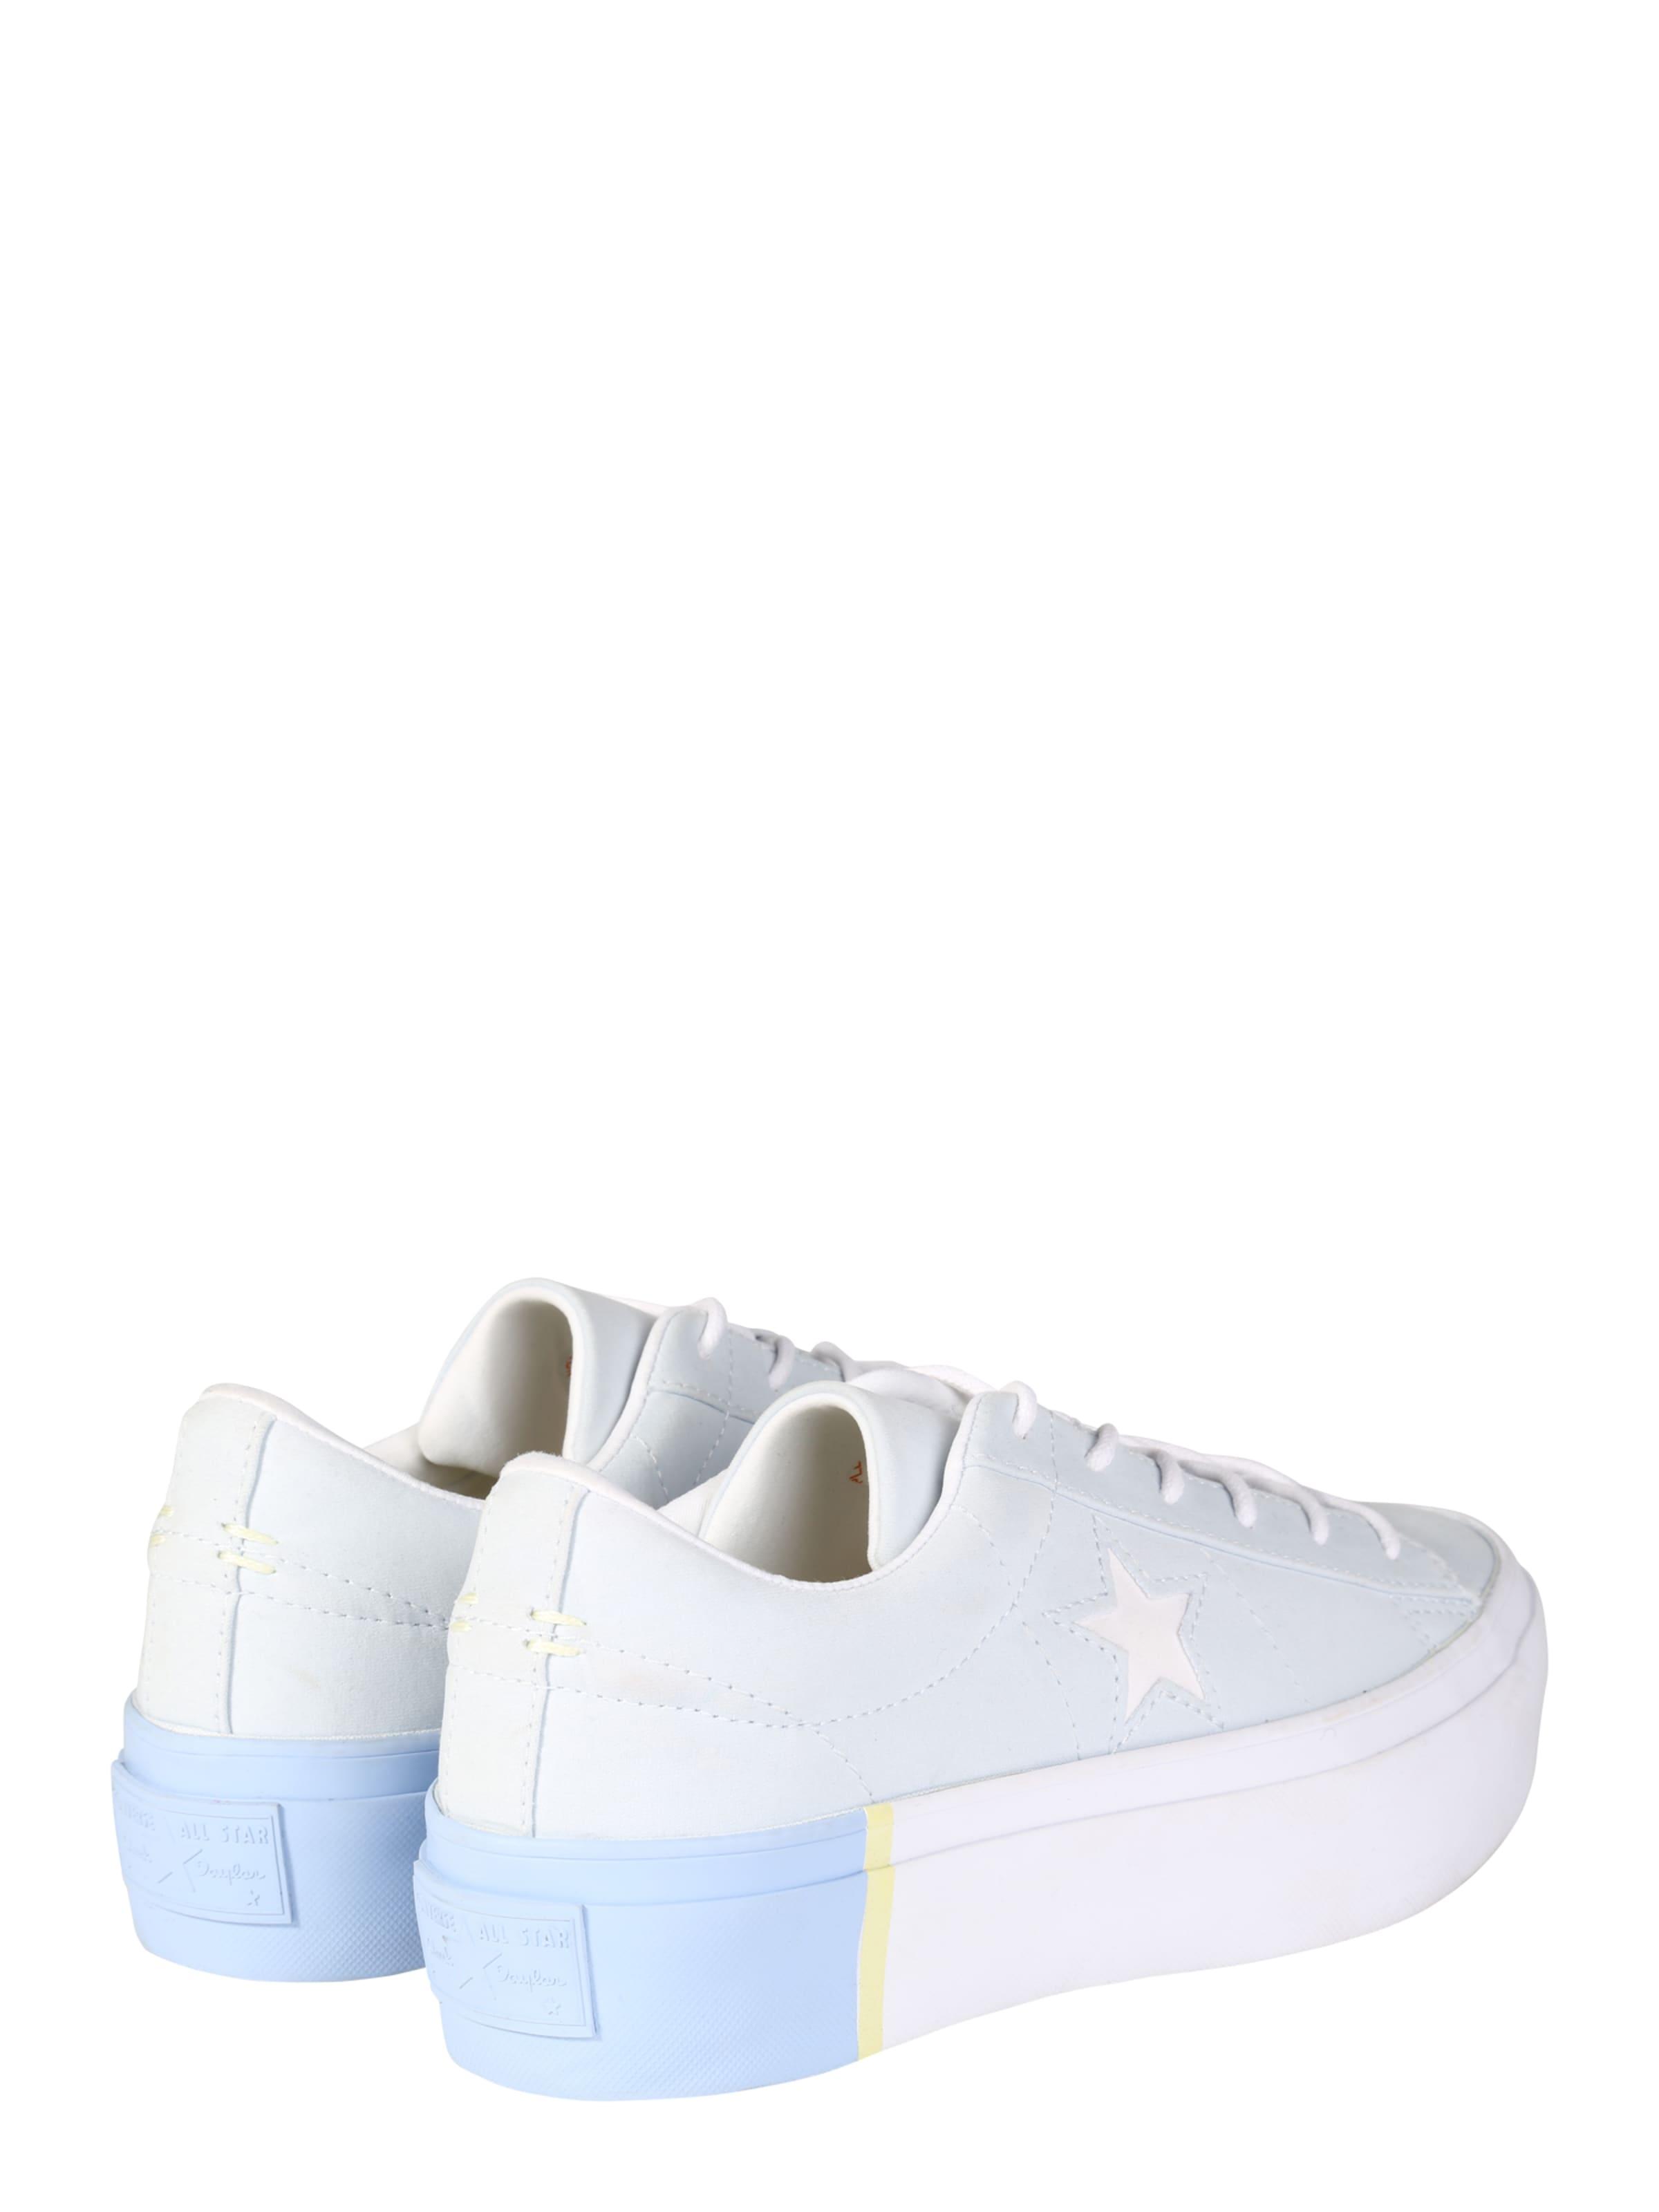 Empfehlen Zum Verkauf 2018 CONVERSE Sneaker 'ONE STAR PLATFORM - OX' Billig Zahlen Mit Paypal Spielraum Spielraum 6ZyRMklWqP